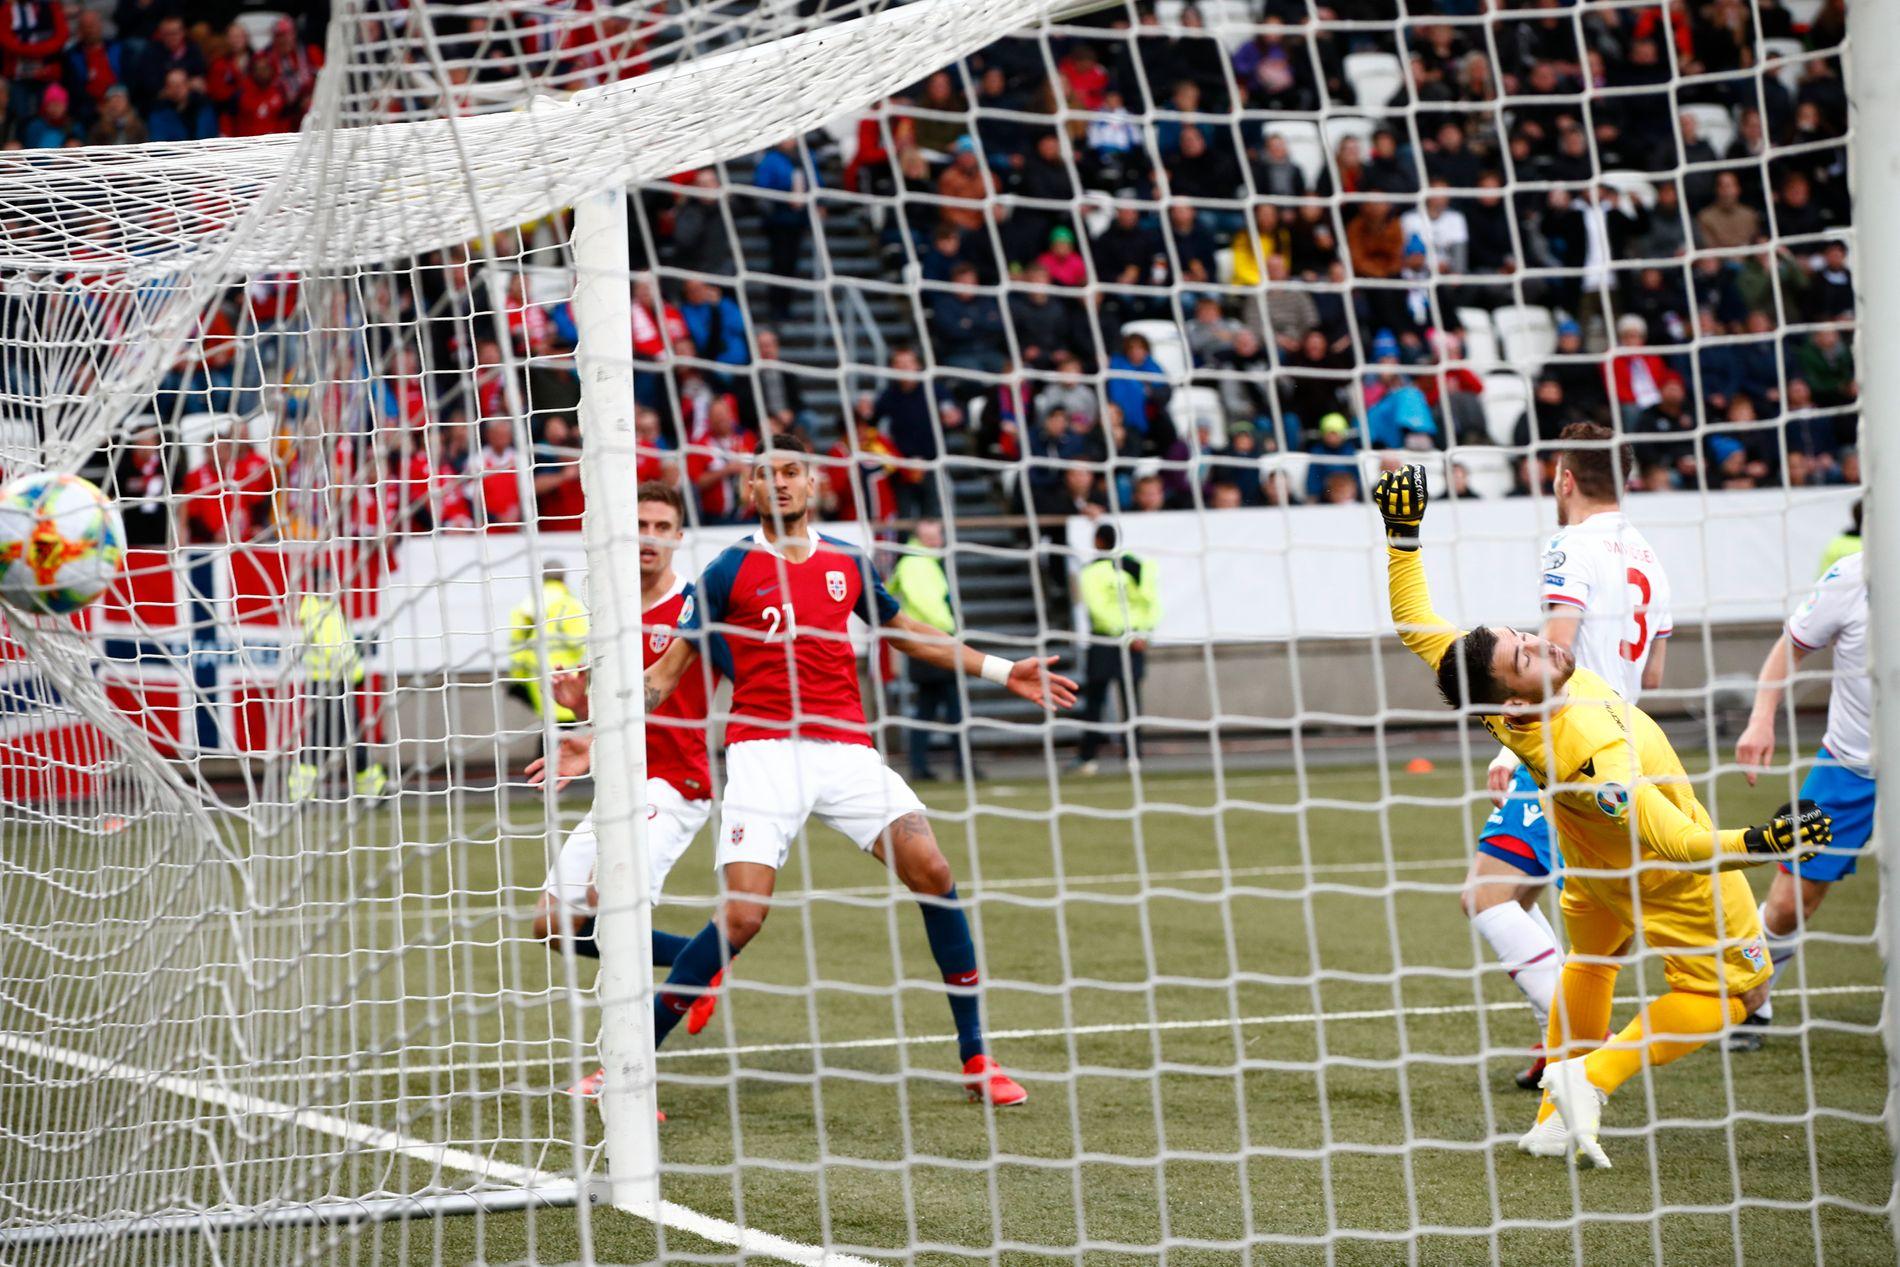 I LEDELSEN: Bjørn Maars Johnsen begynner å feire etter å ha headet ballen i mål via Færøyenes keeper.